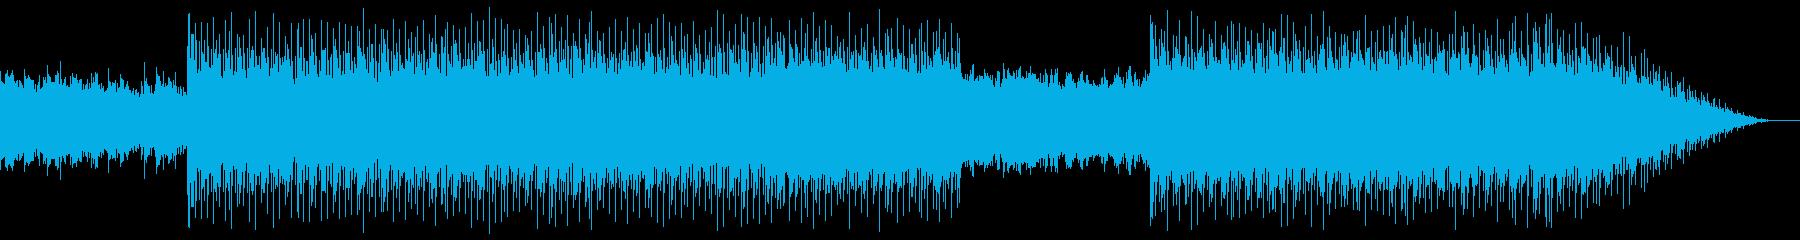 80's 夜の情景 シンセウェーブの再生済みの波形